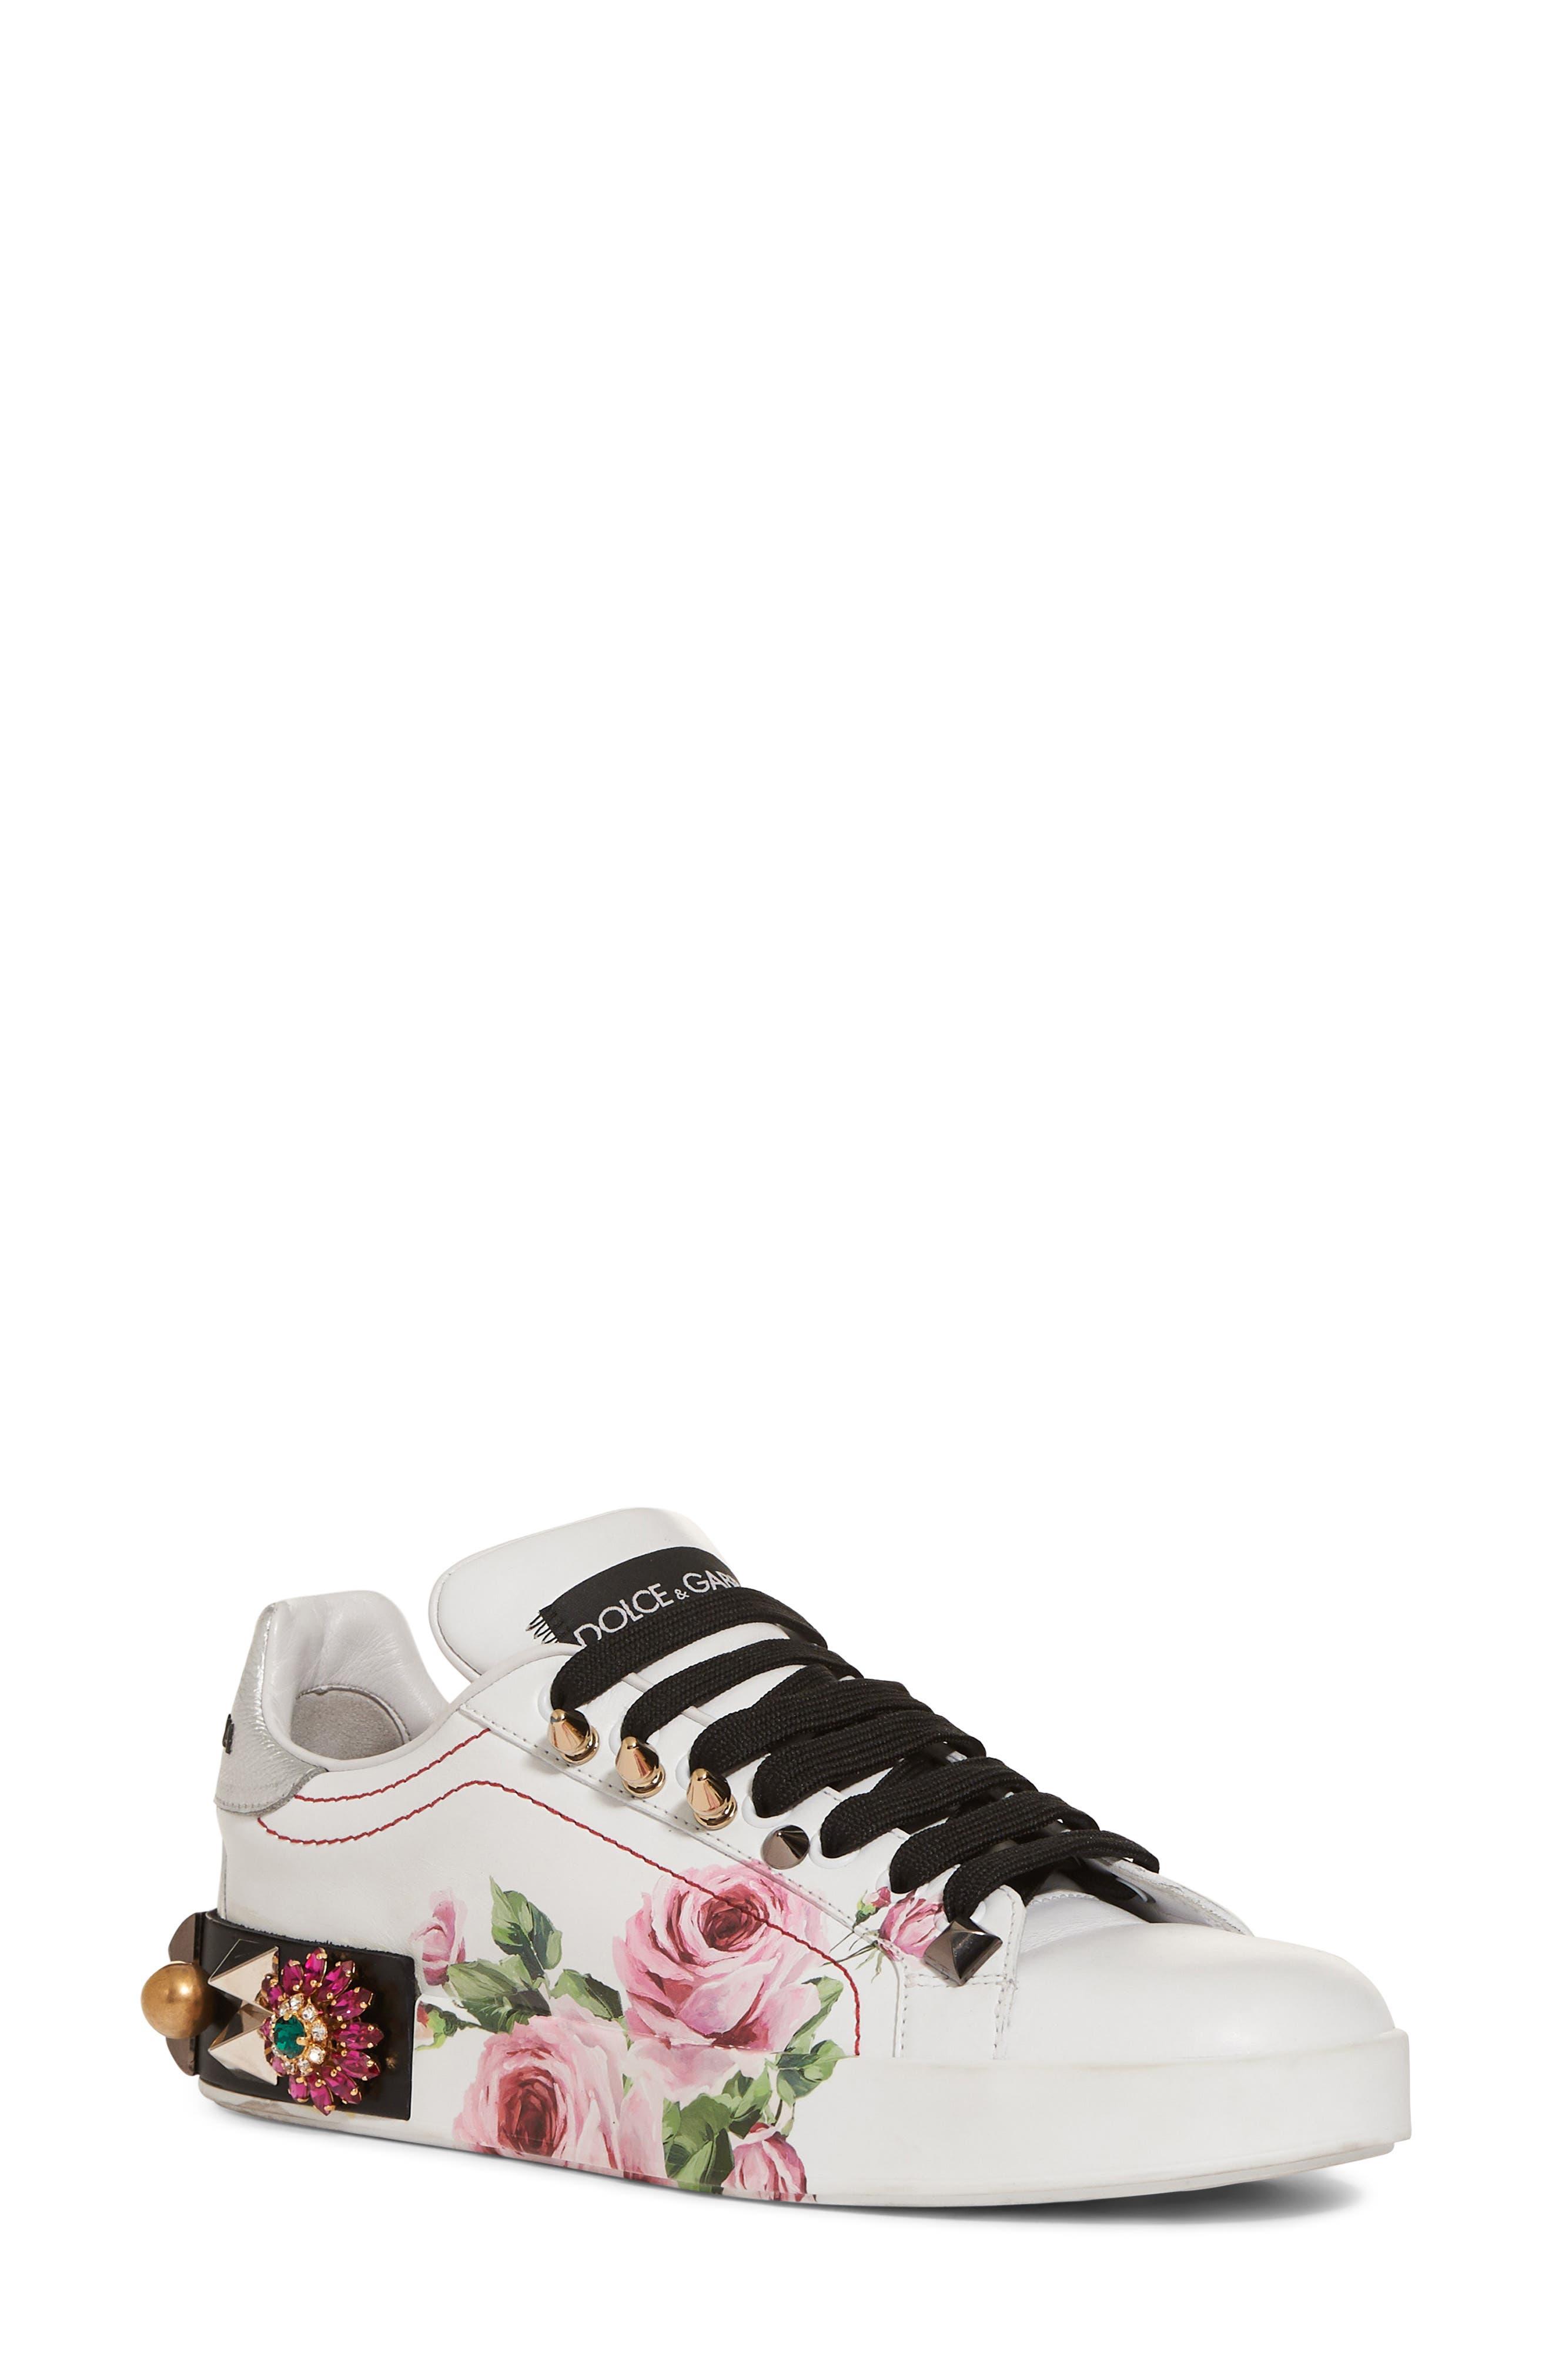 Dolce&Gabbana Floral Embellished Sneaker (Women)